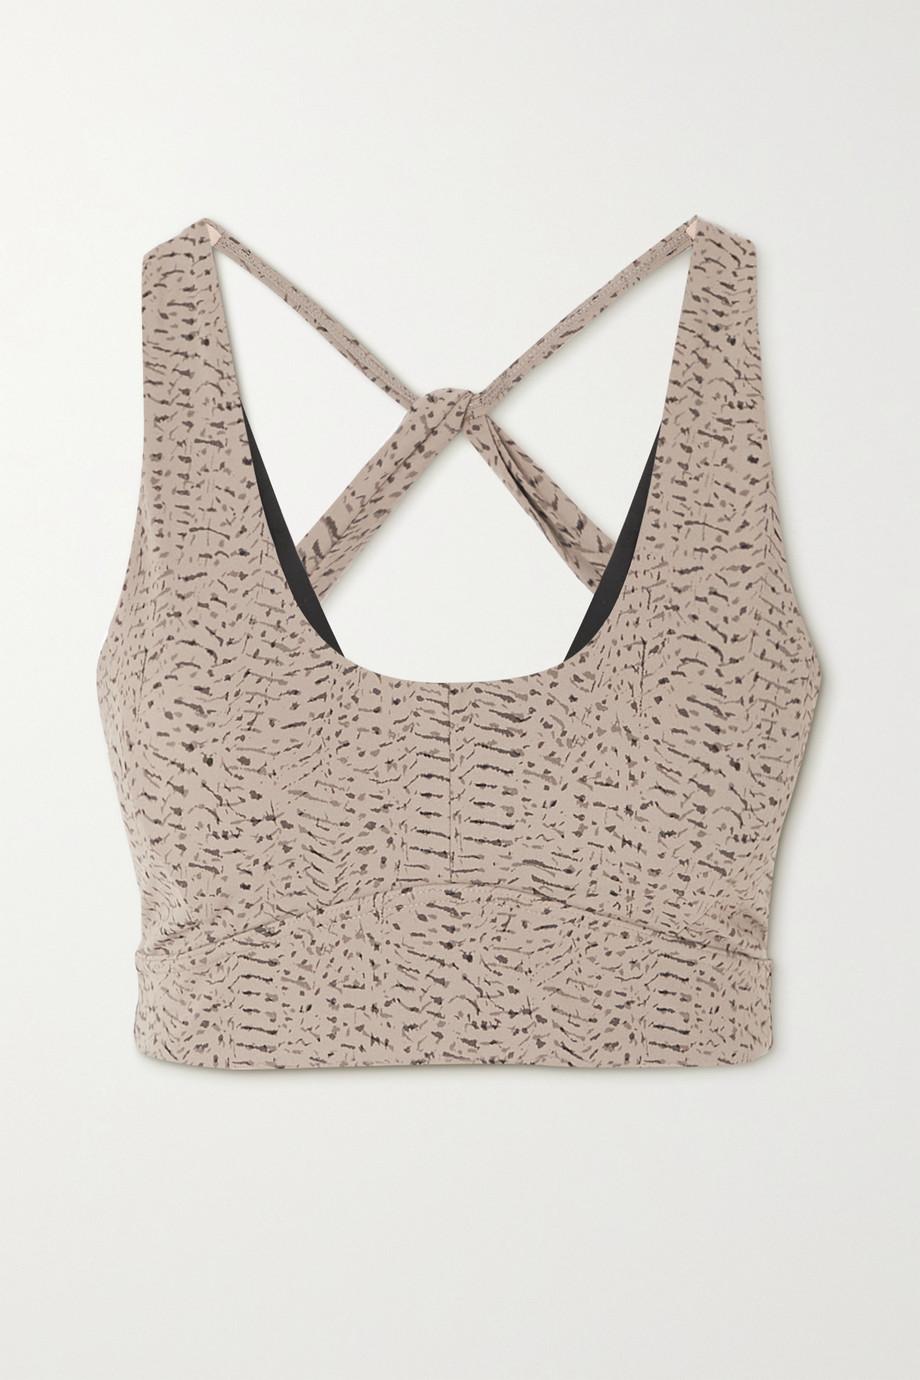 Varley Cary printed stretch sports bra